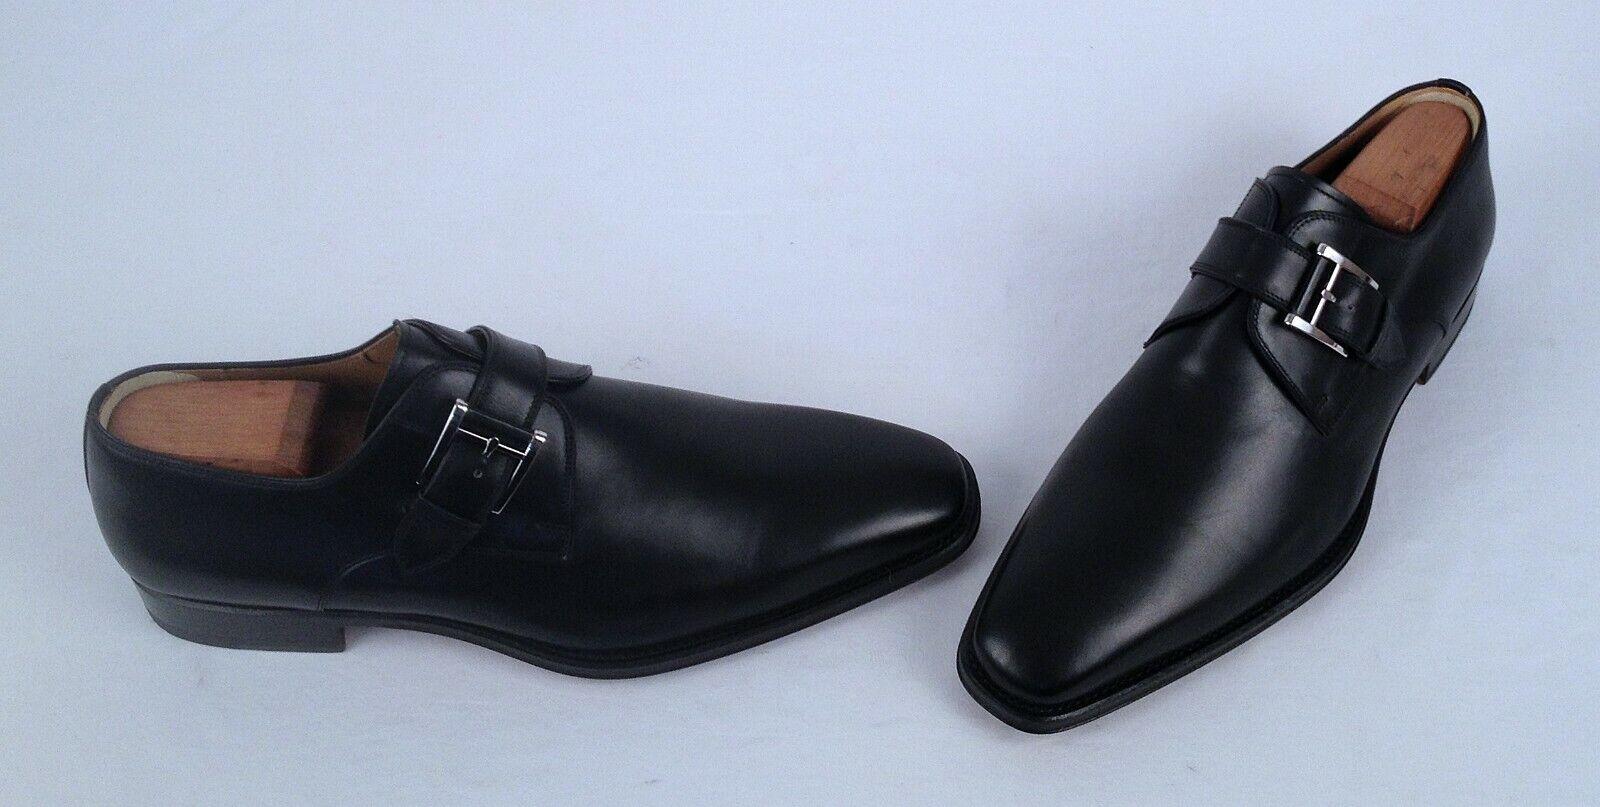 nuevo    Vestido Magnanni 'marco' Monje Correa-Negro-Tamaño 10 m  (G1)